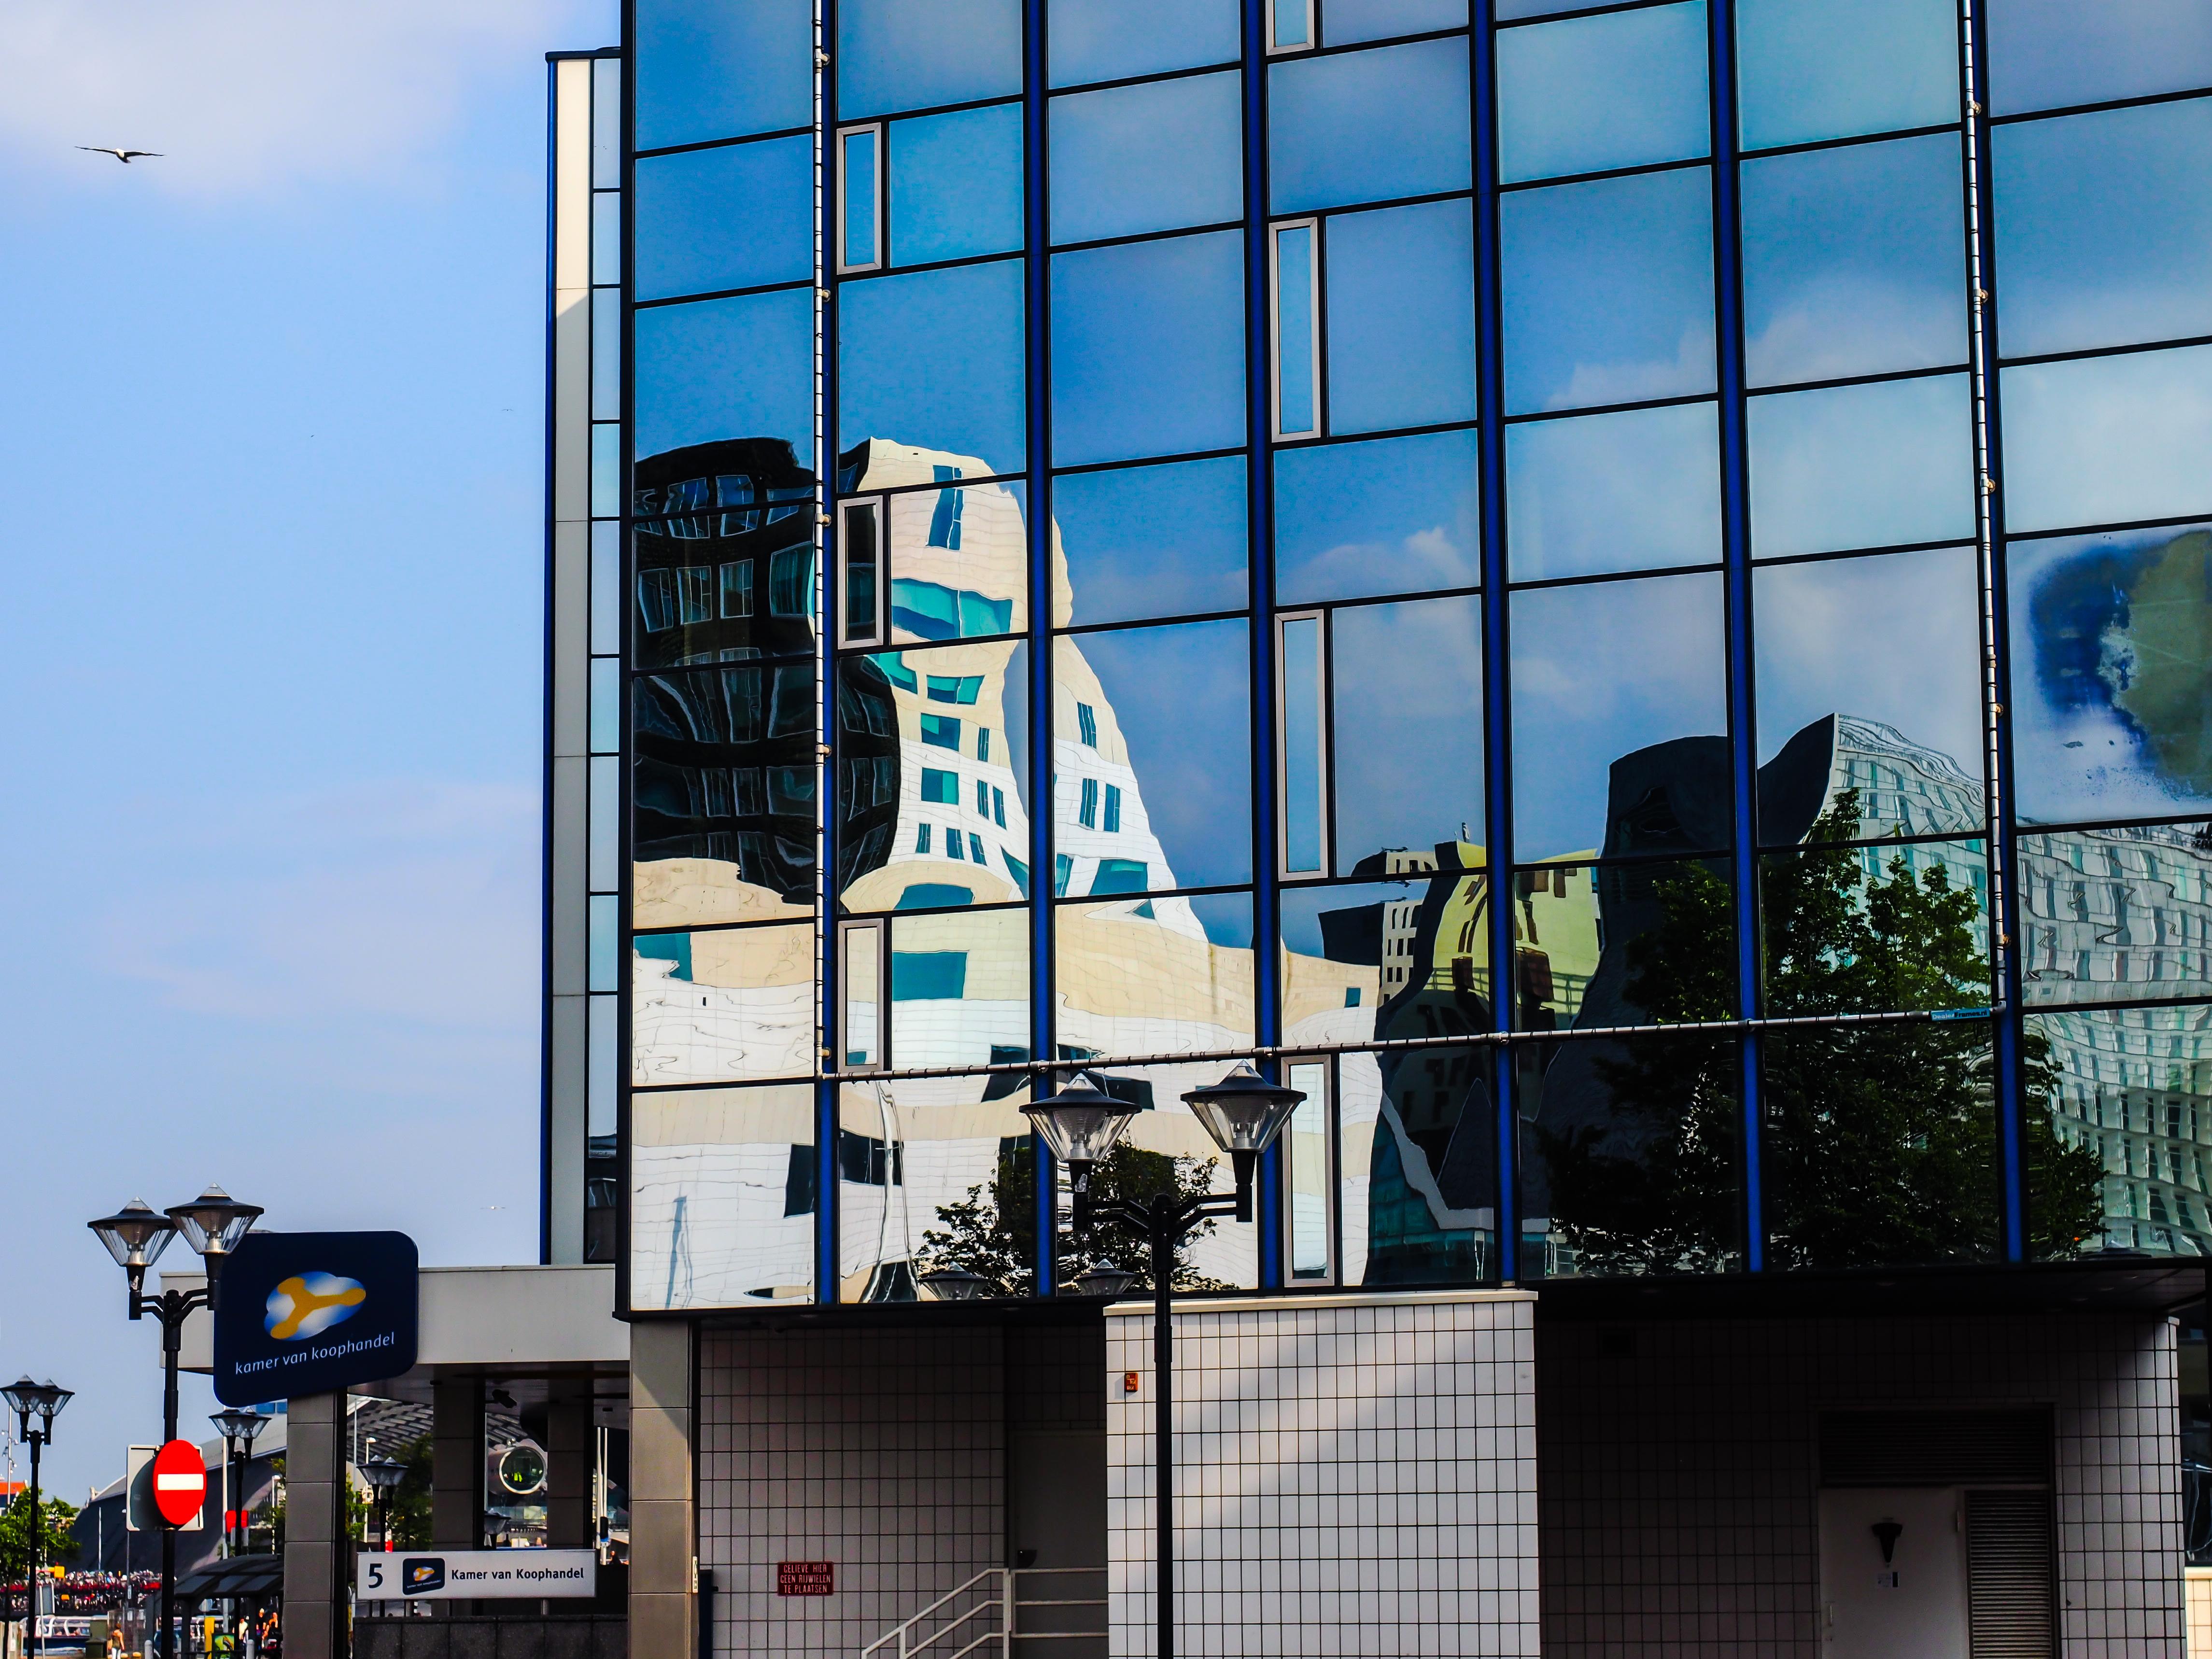 Urban_Architektur-19